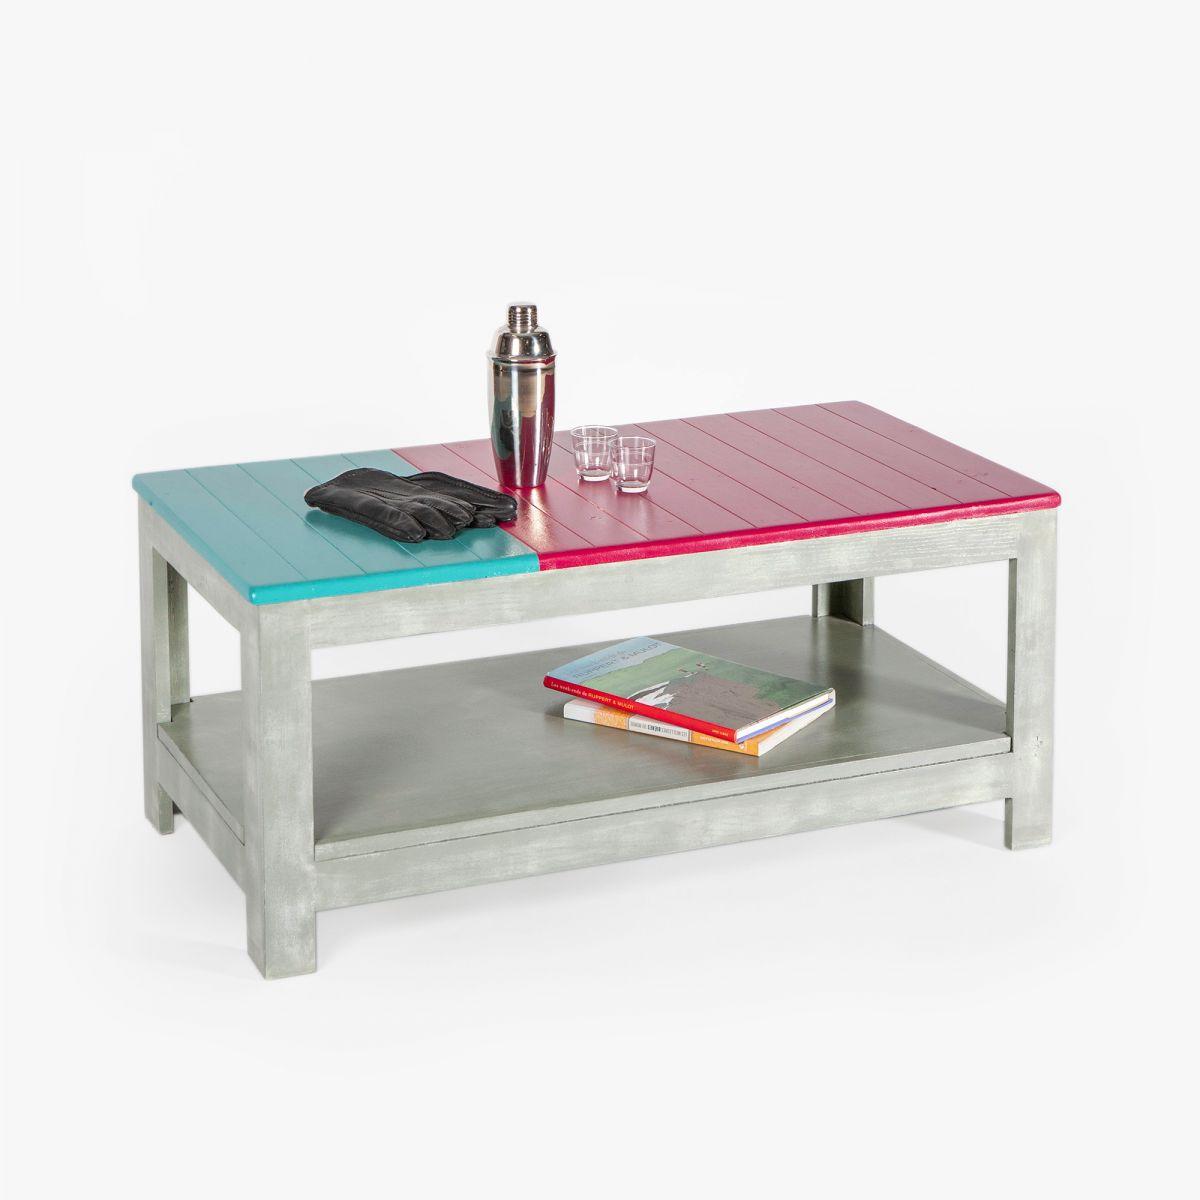 table basse coloree bois massif effet beton avec rangement